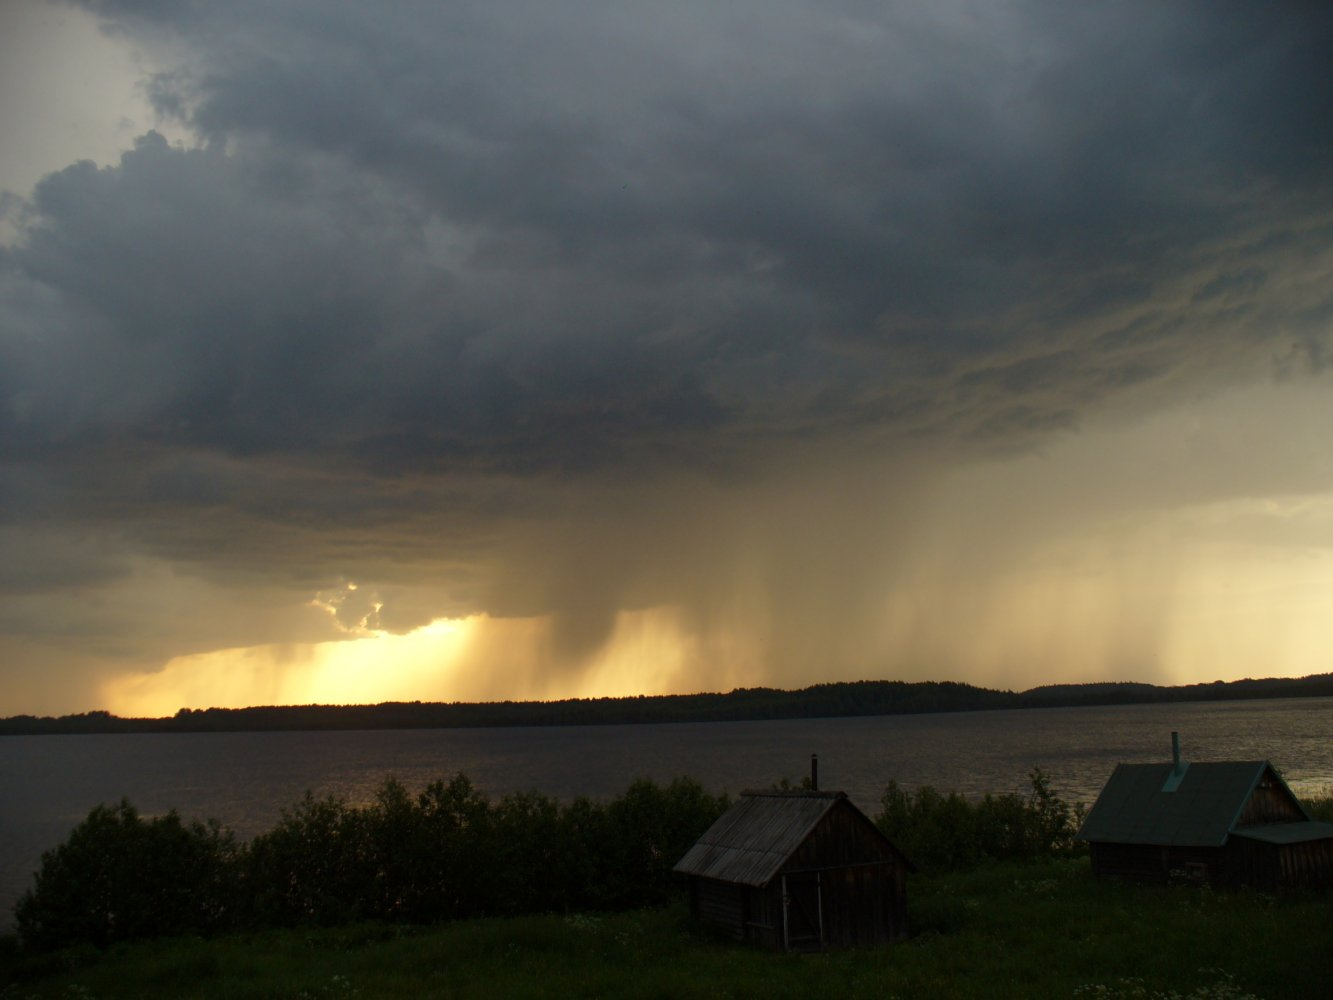 Фото P1110311.JPG. Россия, Ленинградская область, Unnamed Road